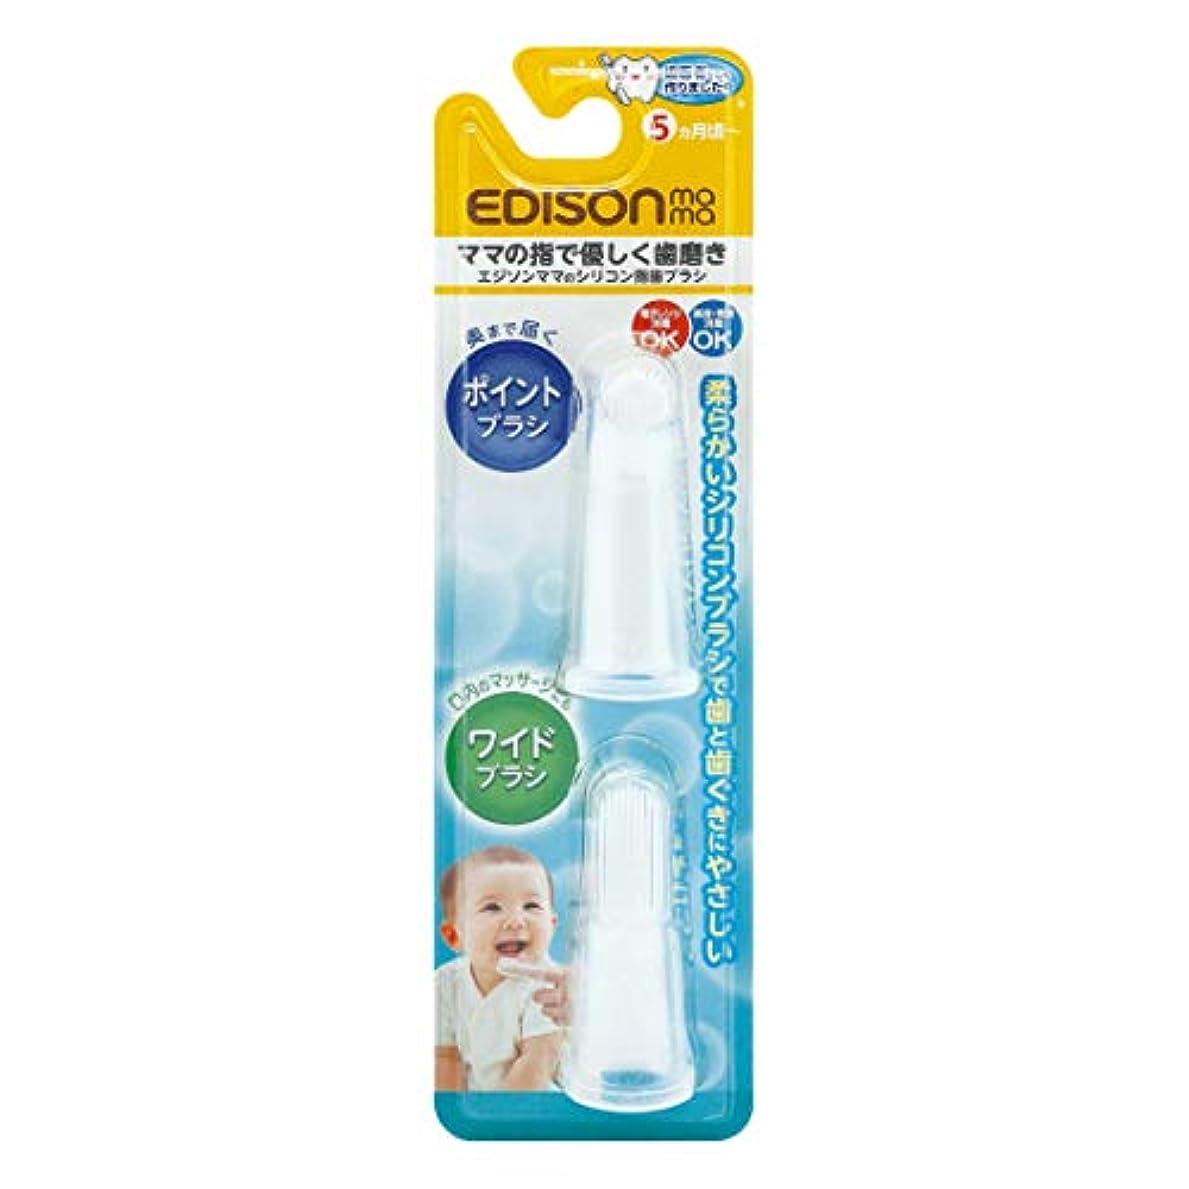 ゆりかごバンジョー部屋を掃除するKJC エジソンママ (EDISONmama) シリコン指歯ブラシ 5ヶ月頃から対象